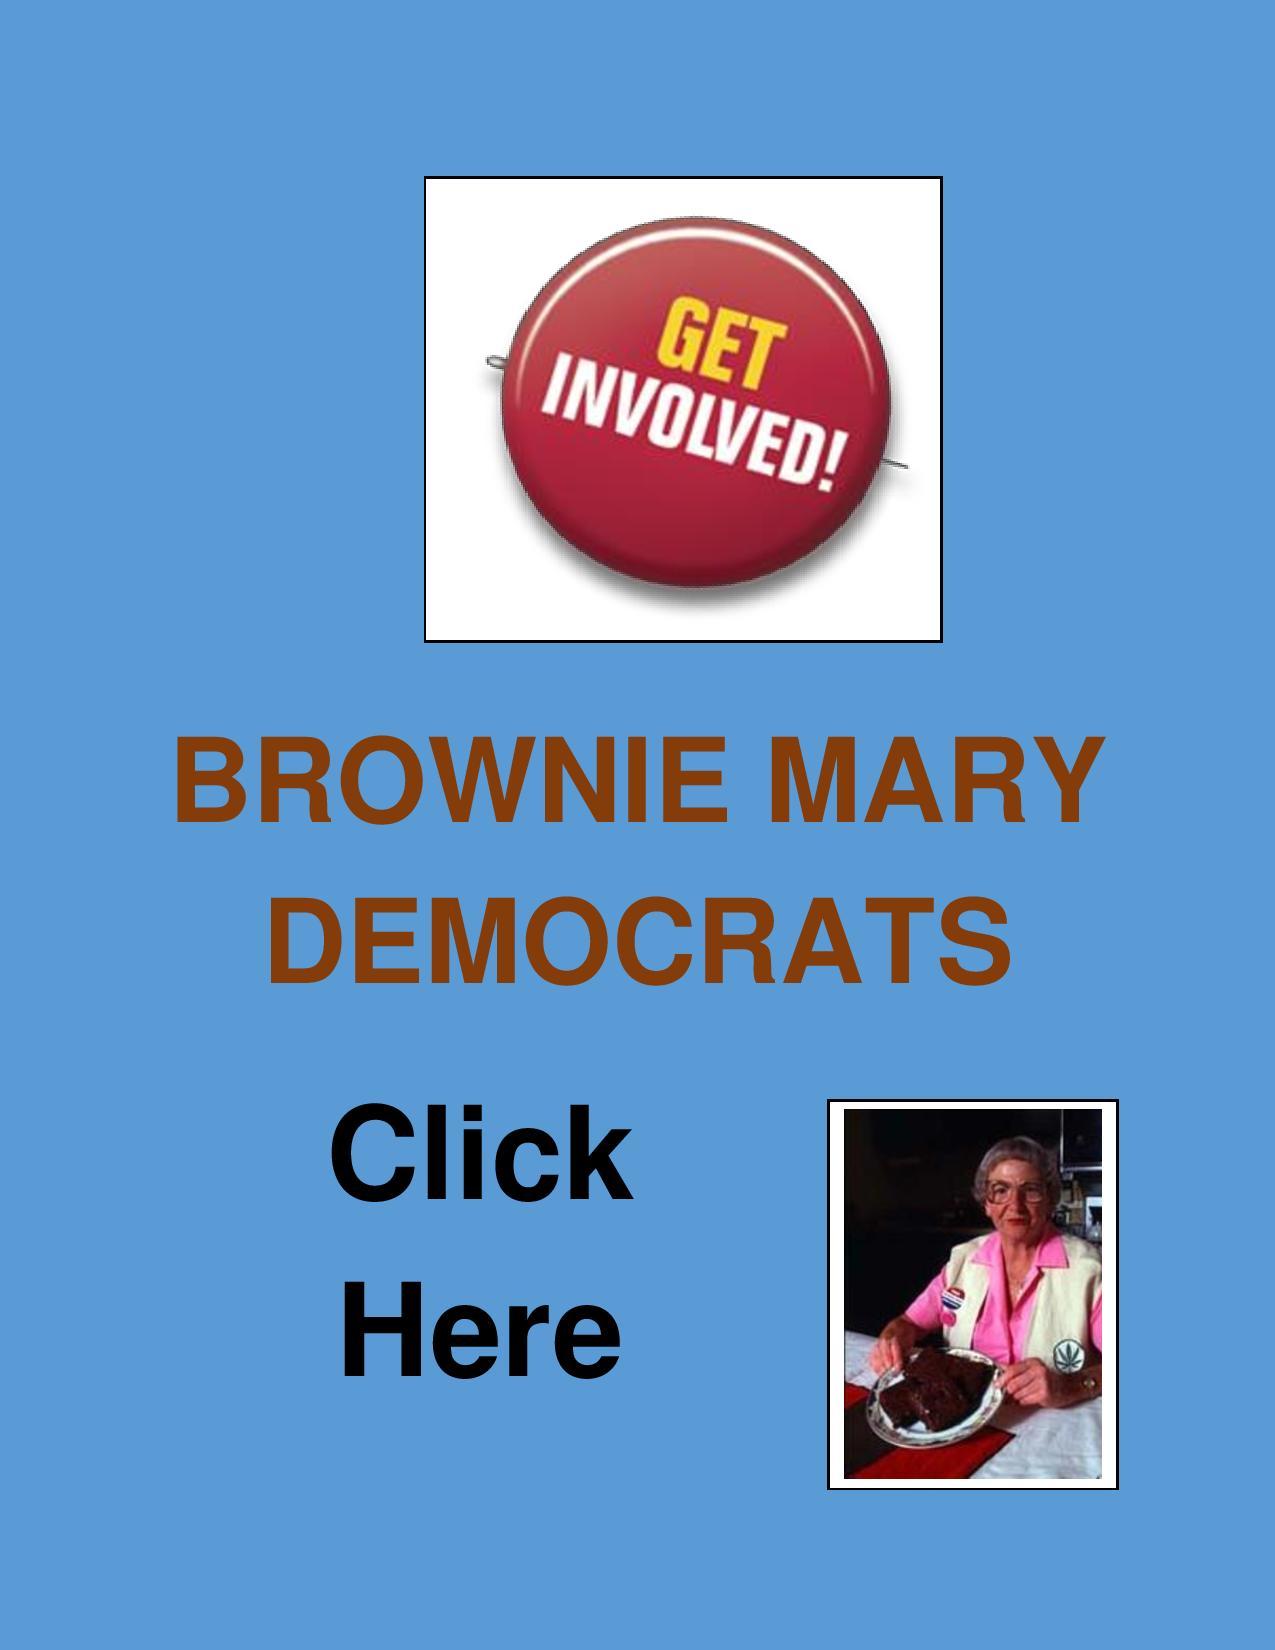 Join_BROWNIE_MARY-jpg.jpg